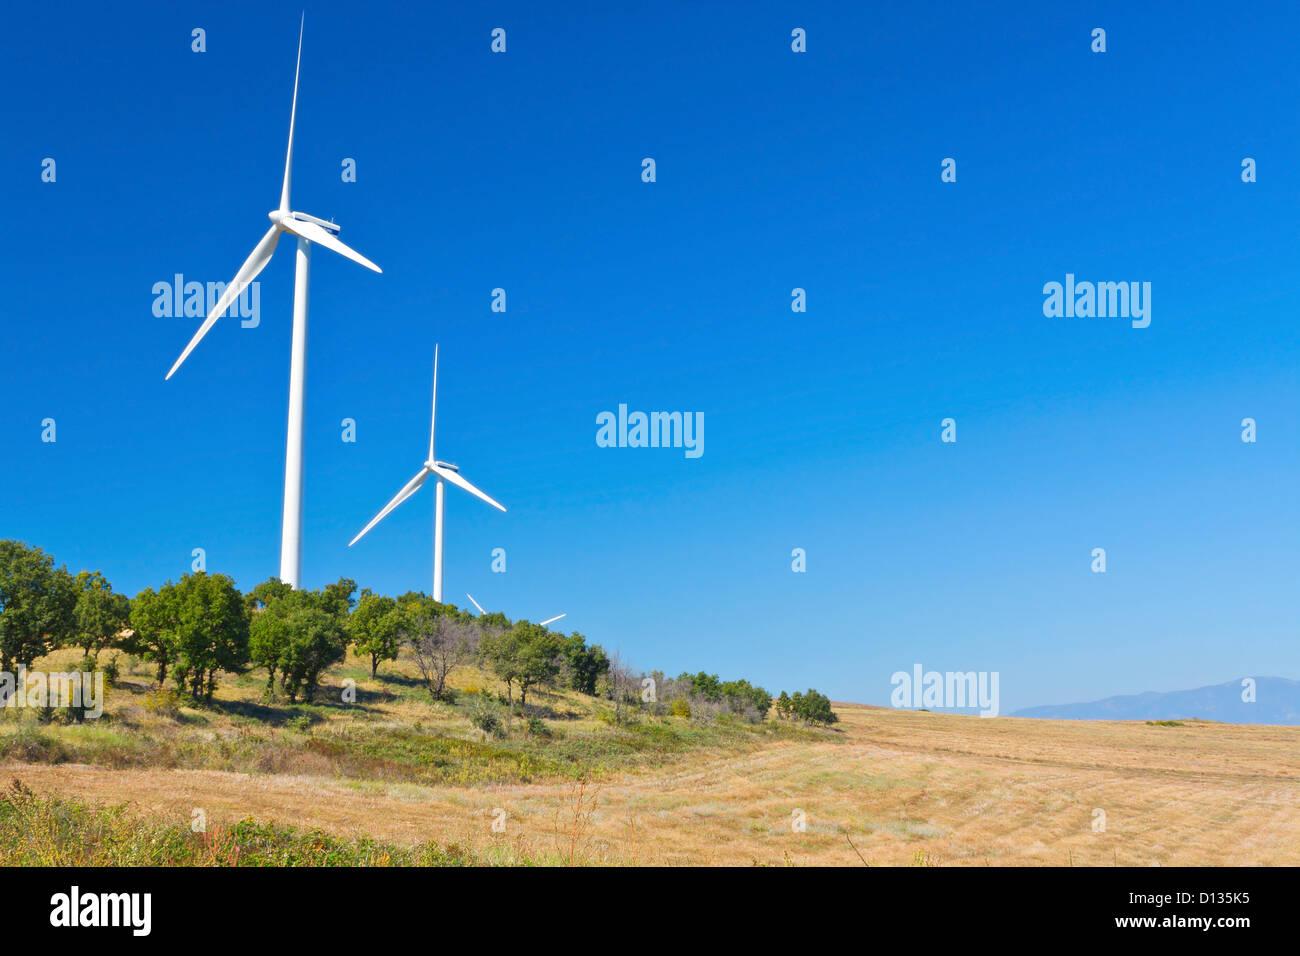 Elektrische Energie Windkraftanlagen stationiert auf einem Hügel in Europa, Nord-Griechenland Stockbild